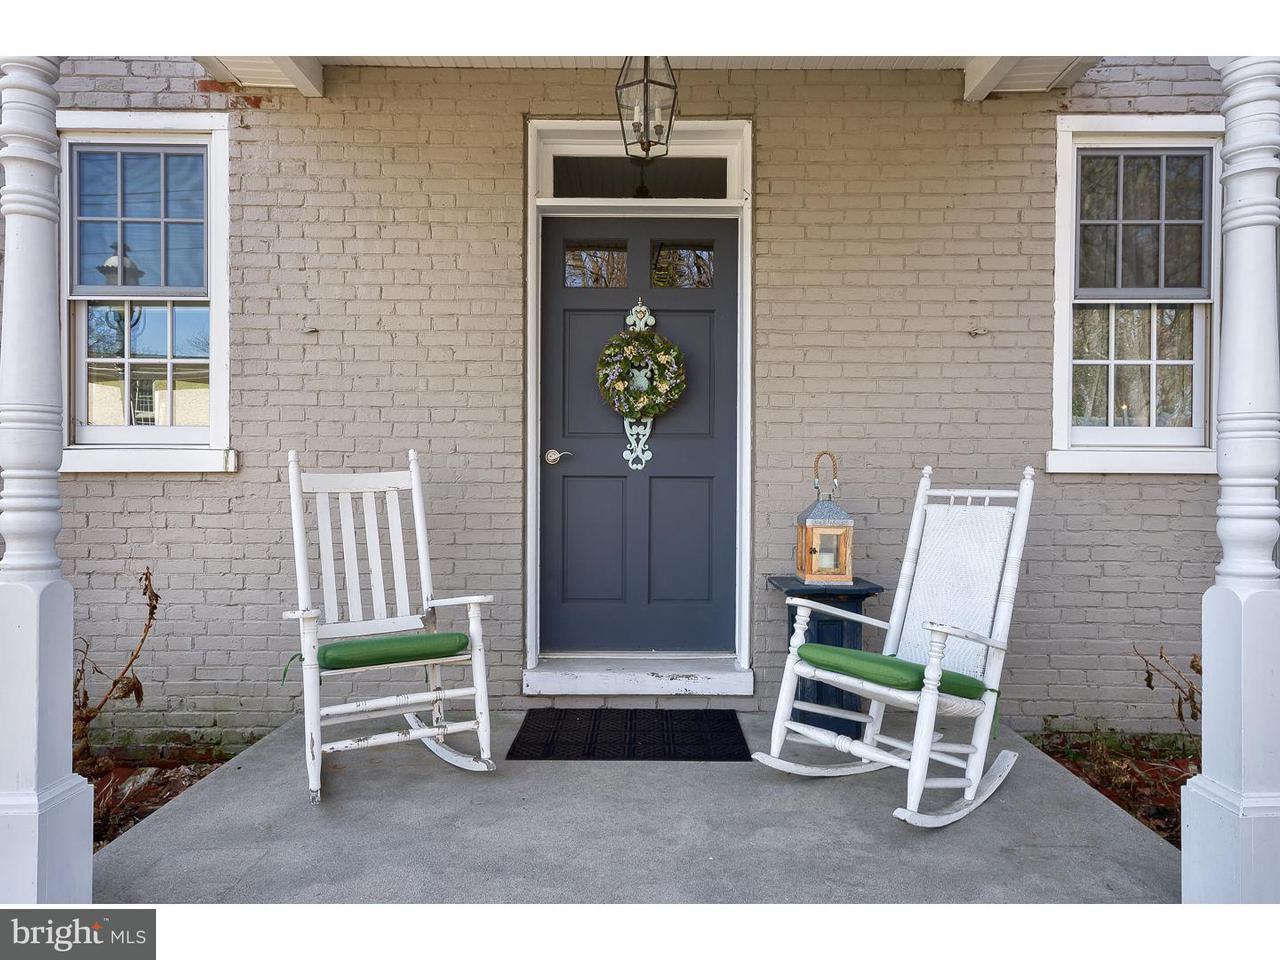 Casa Unifamiliar por un Venta en 35 MILL Street Vincentown, Nueva Jersey 08088 Estados Unidos